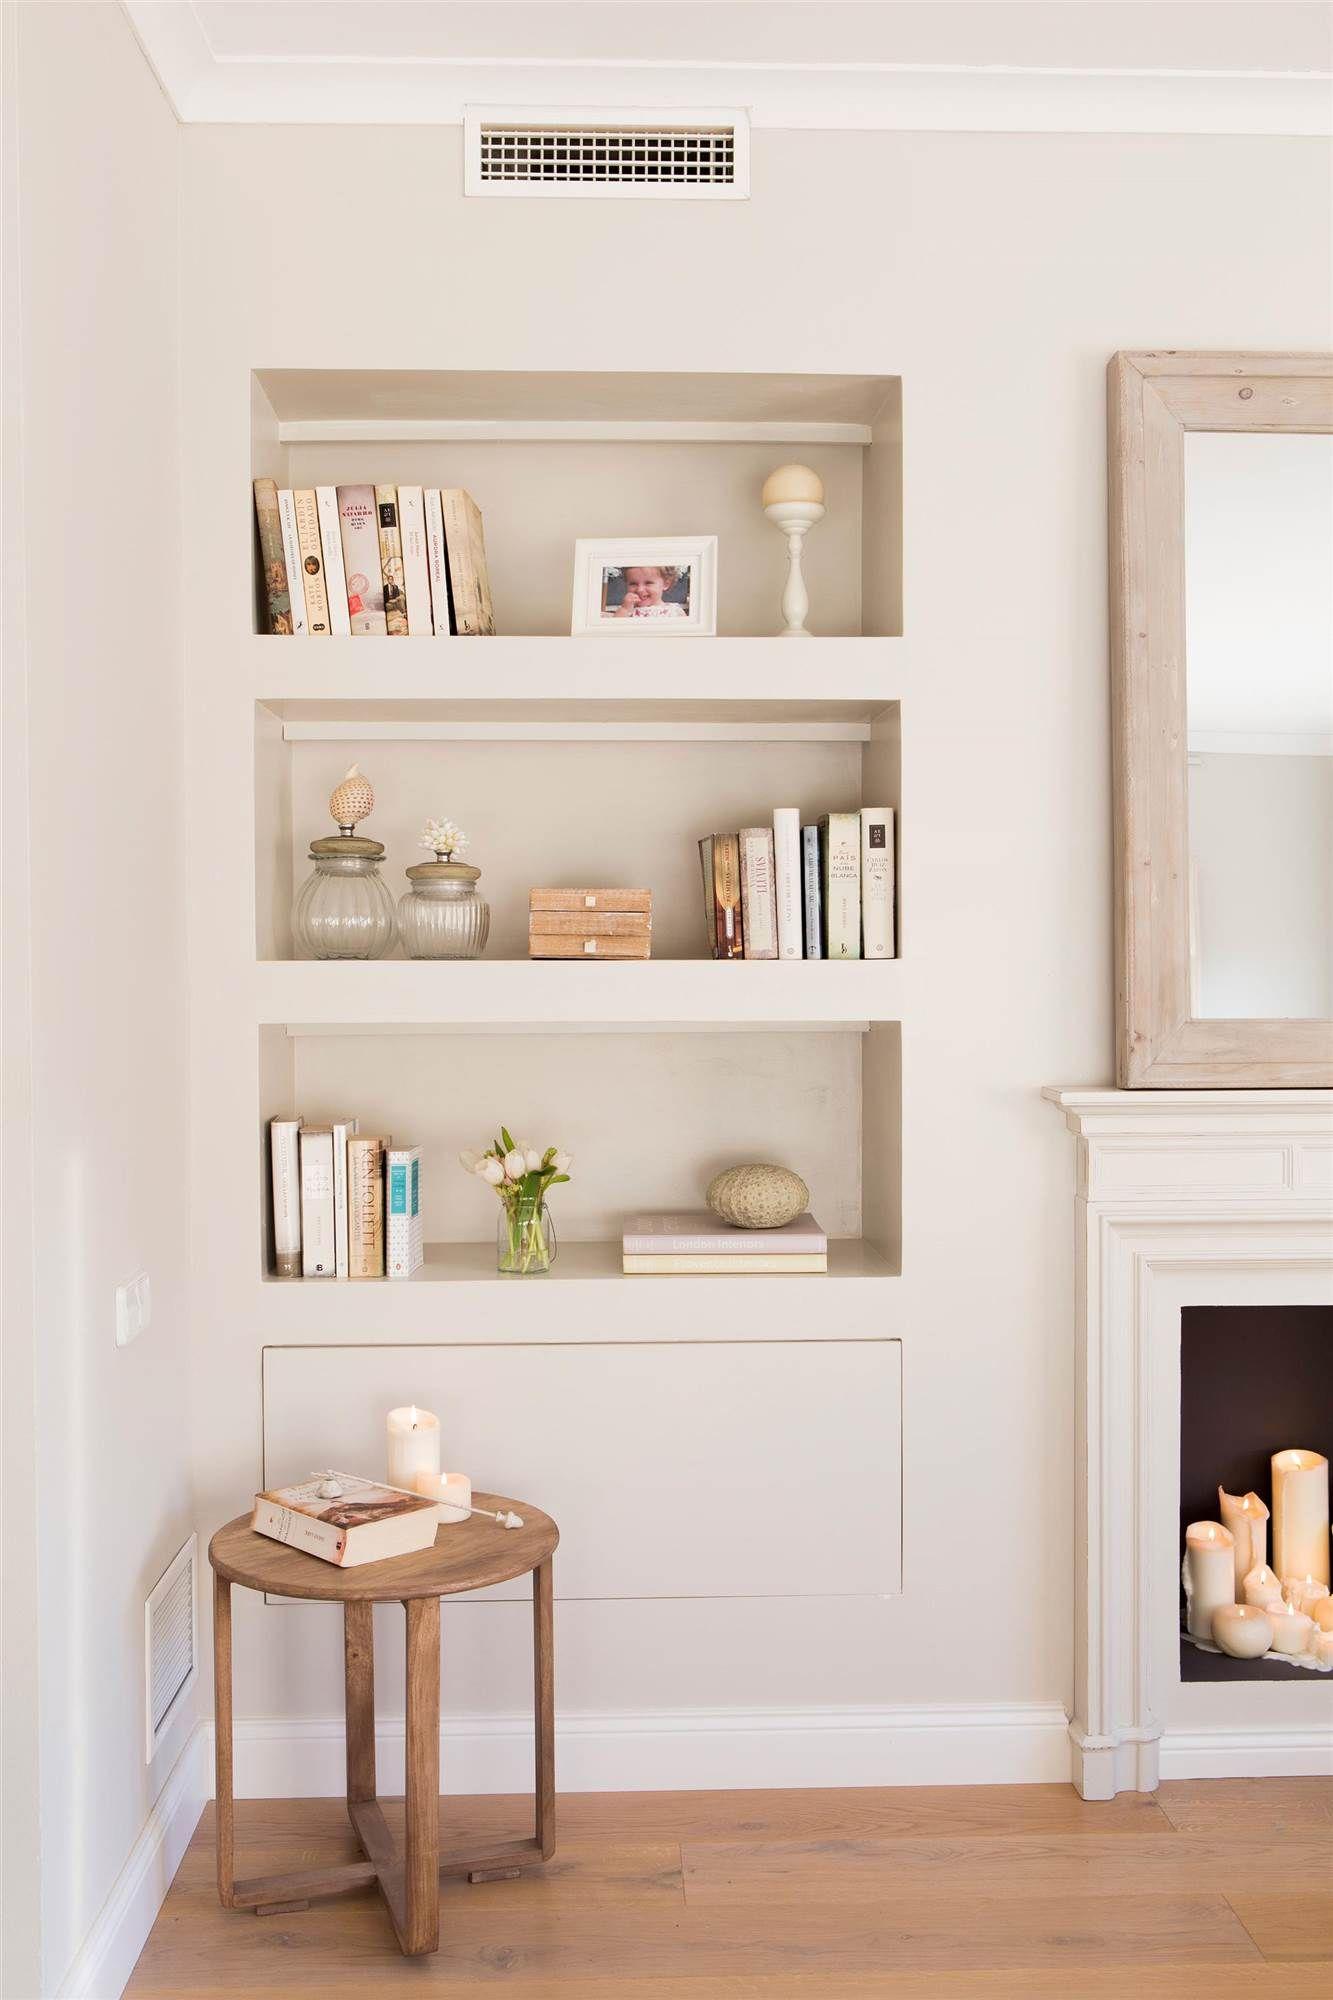 M s trucos en 2019 for the home estanter as empotradas - Decoracion de muebles de salon ...